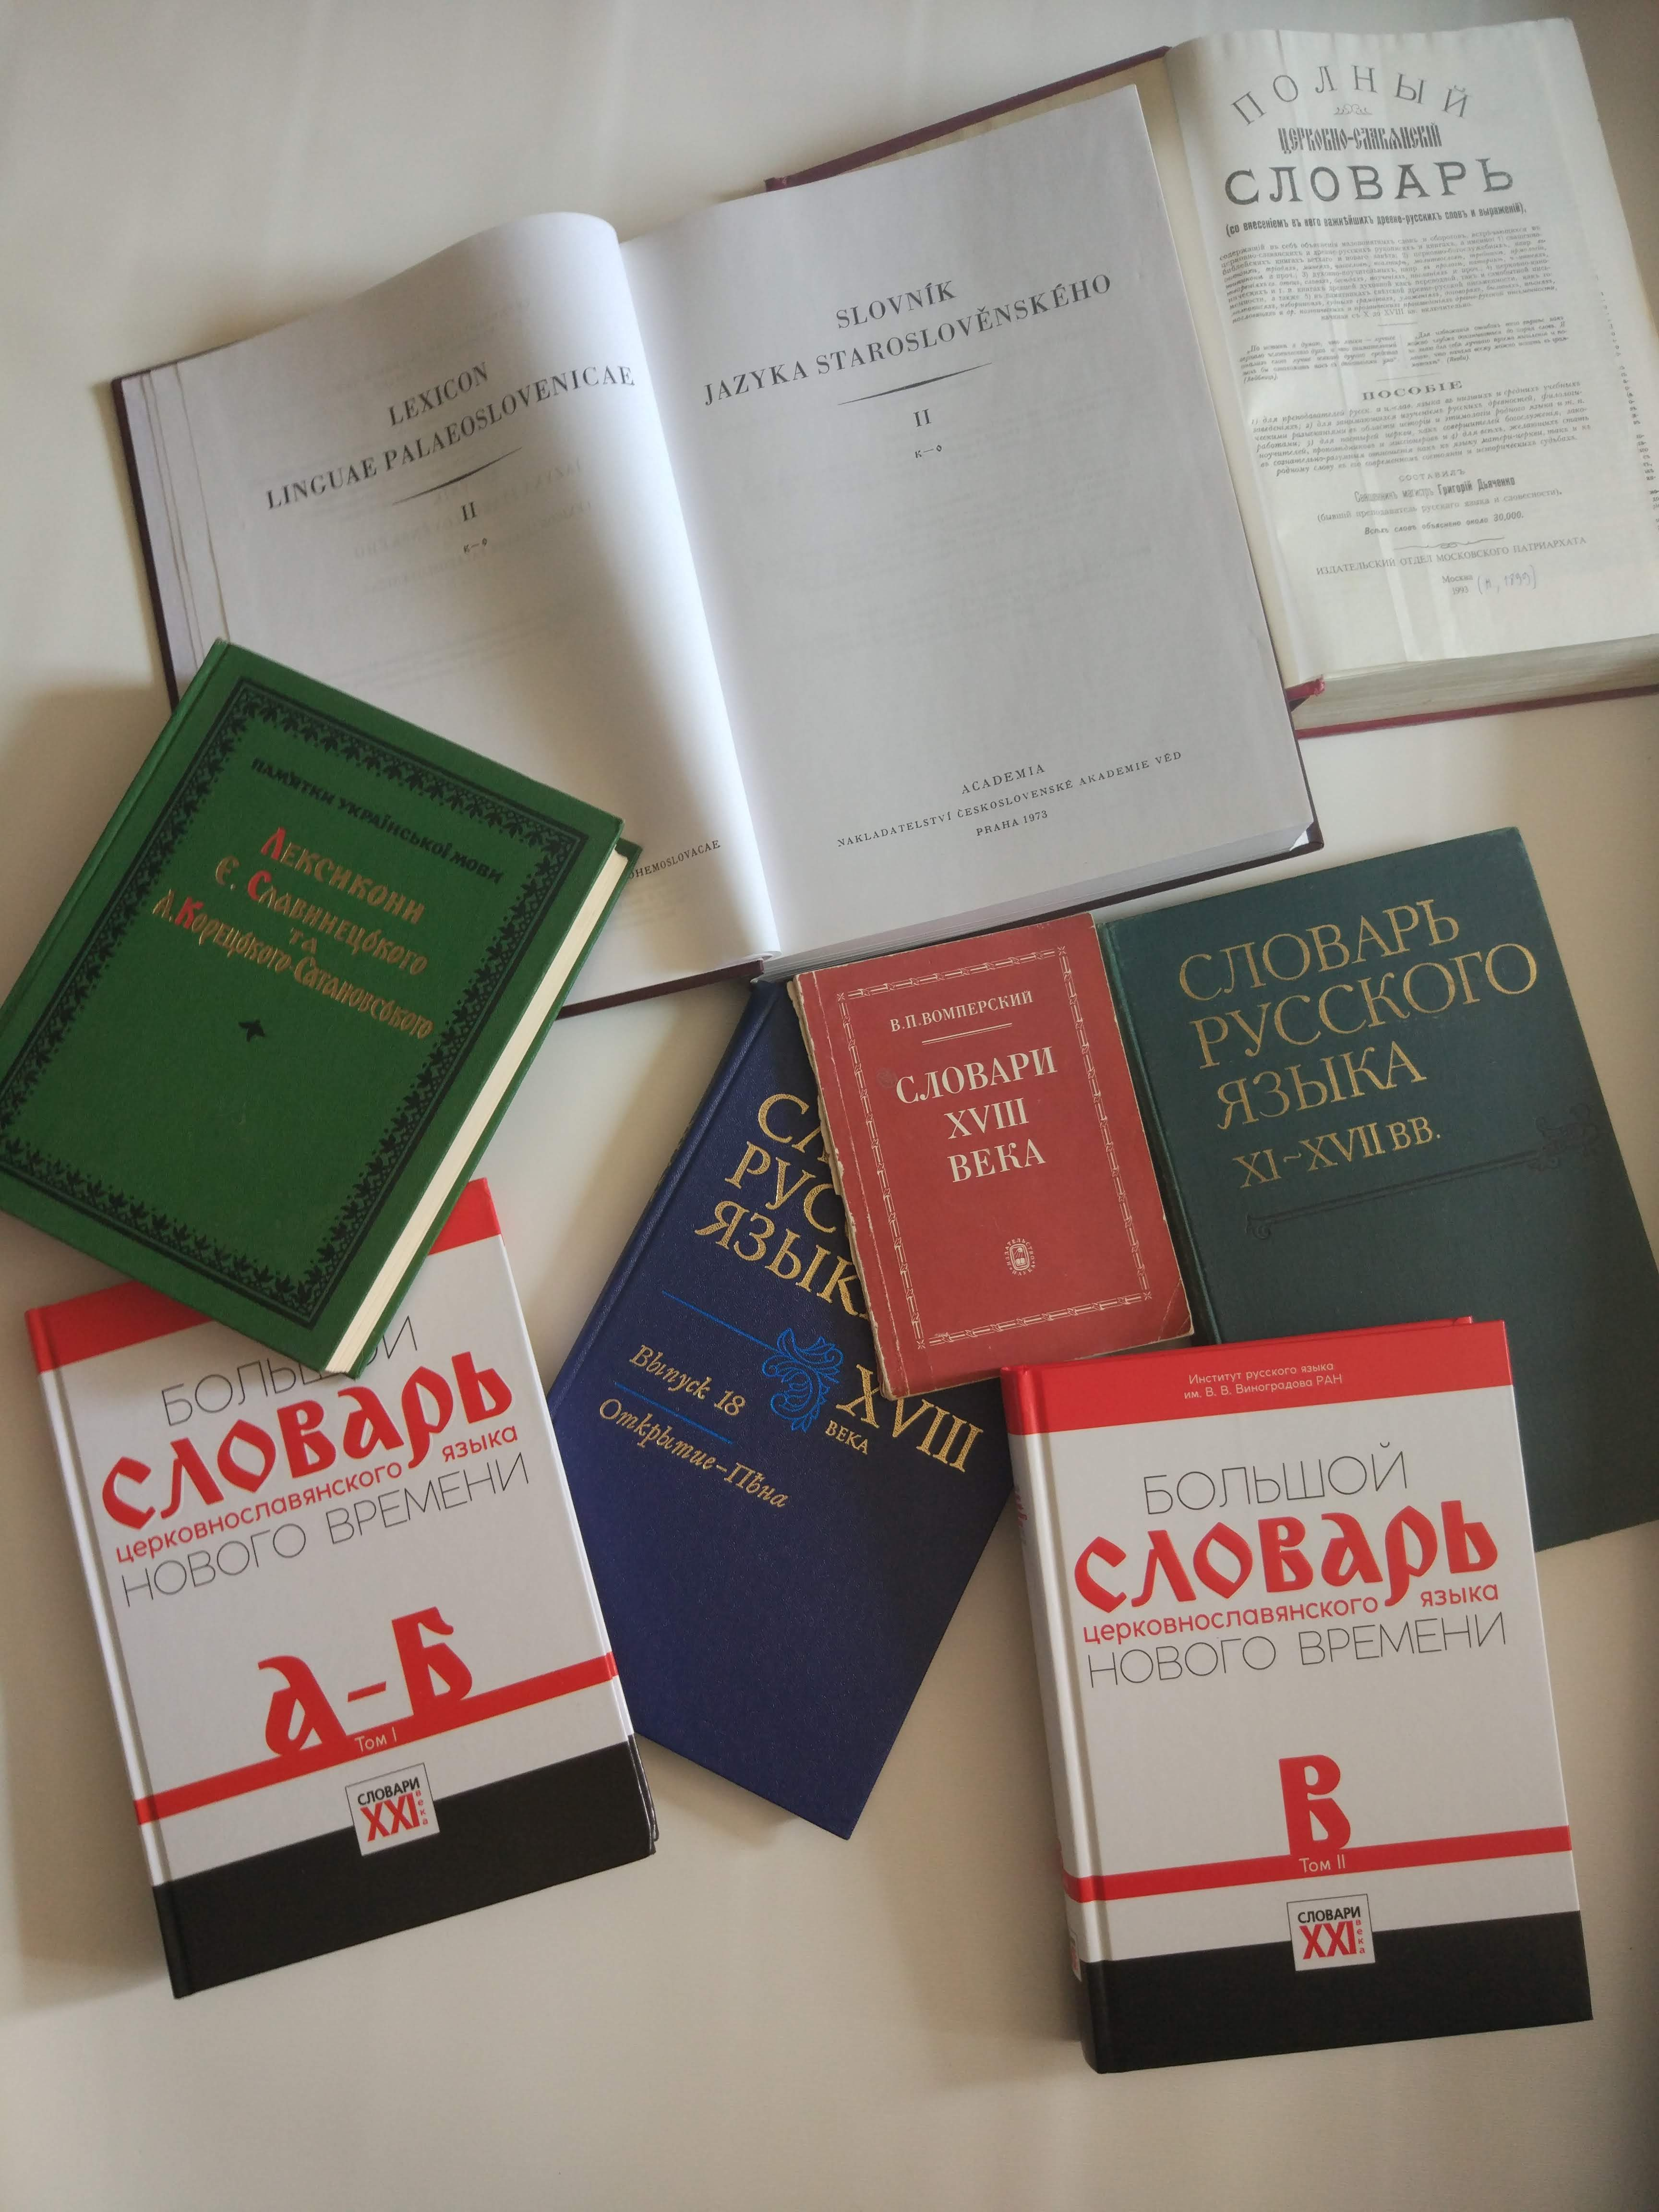 Большой словарь церковнославянского языка нового времени: исторический контекст